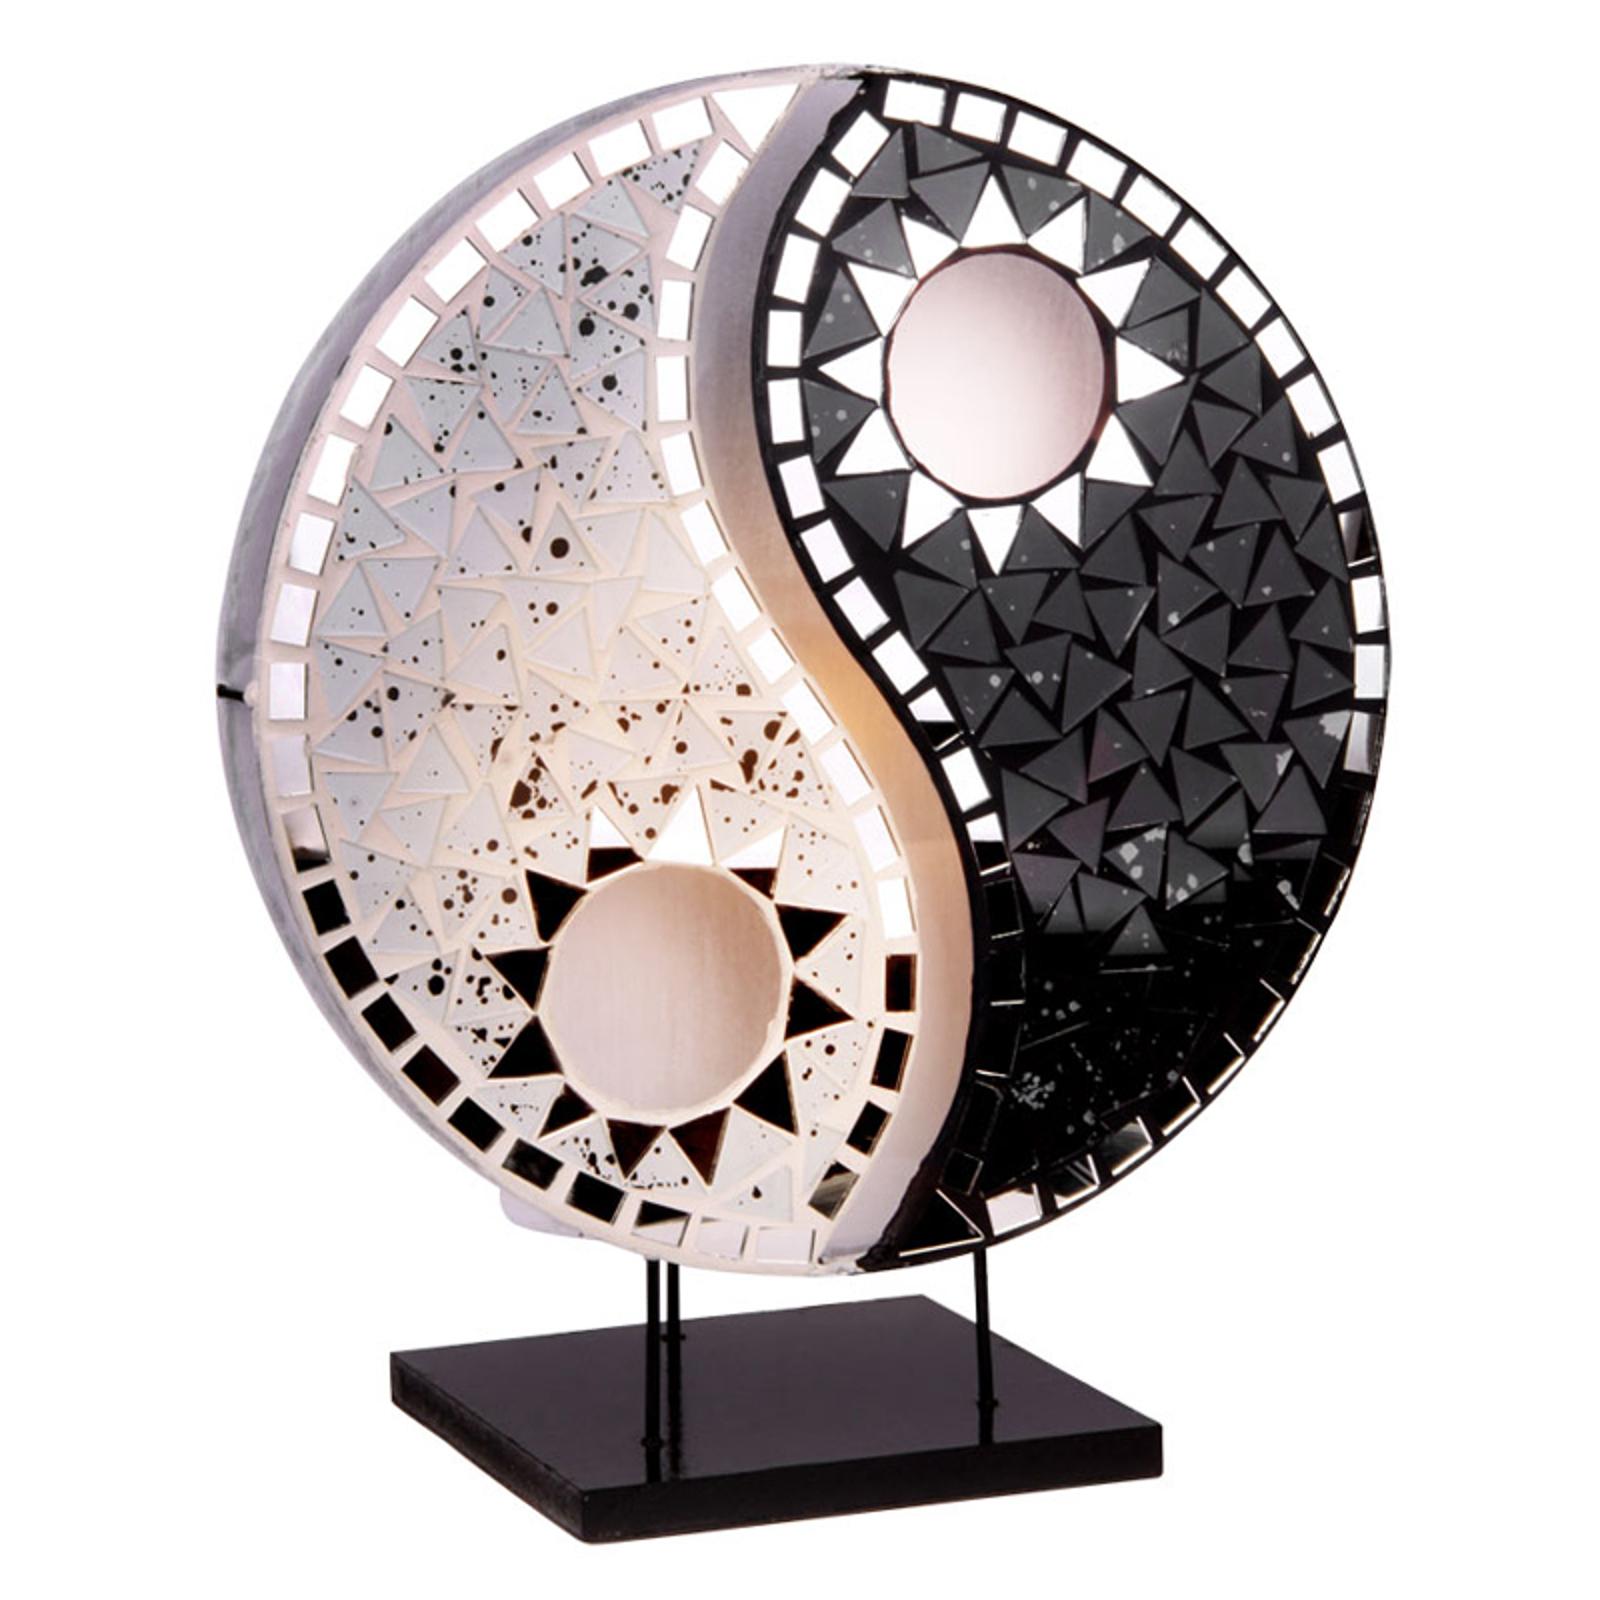 Pöytälamppu Ying Yang, mosaiikkipeilikiviä, musta